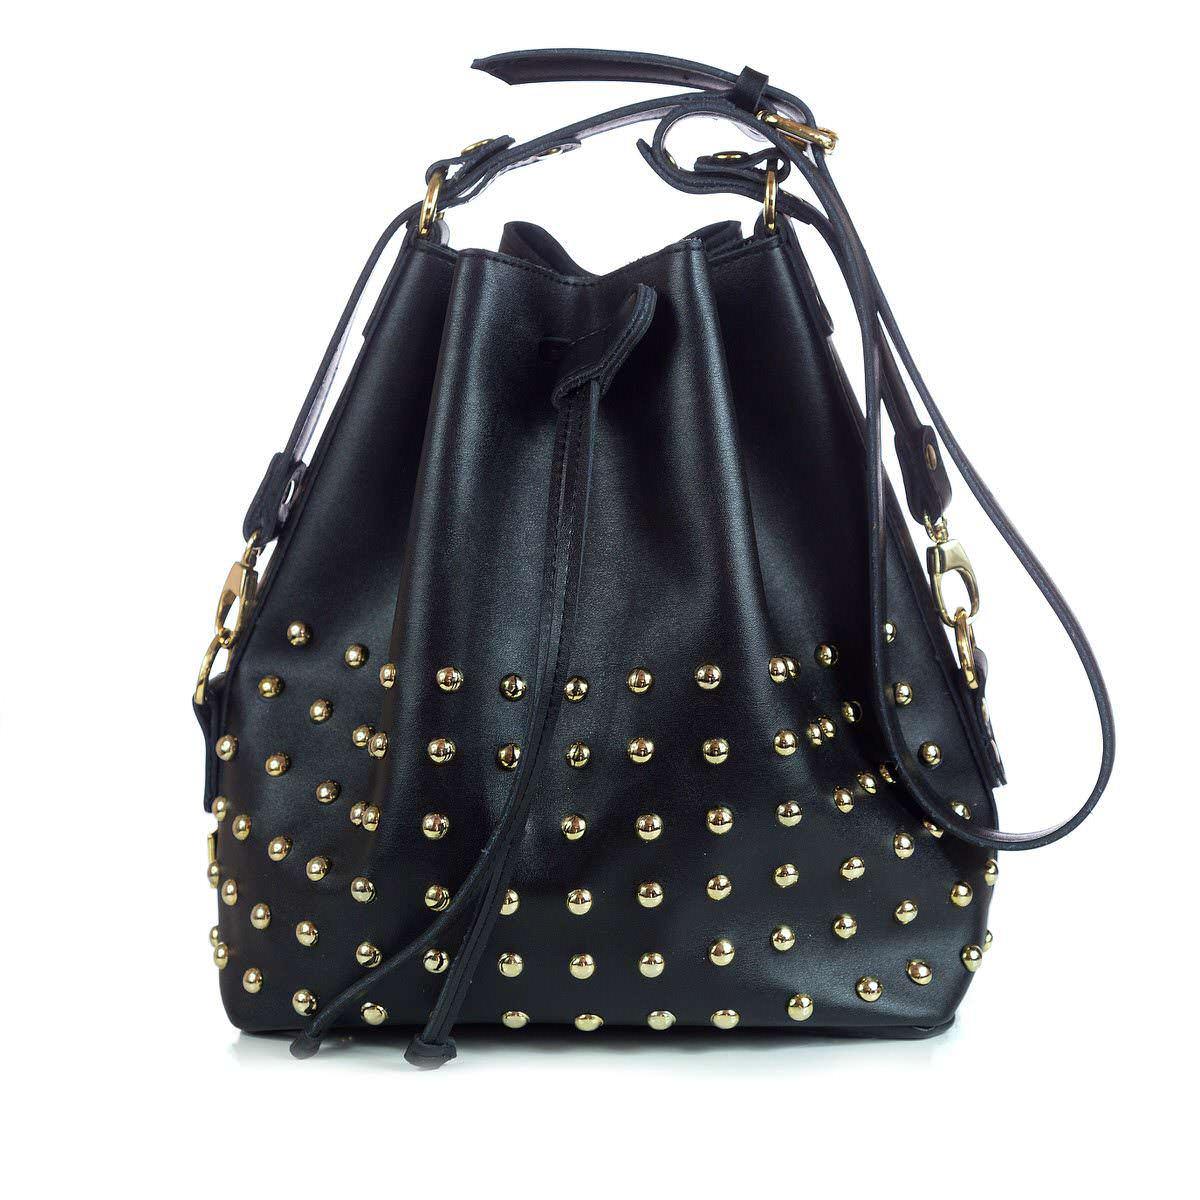 e95d643a2e Pouch Bag Black